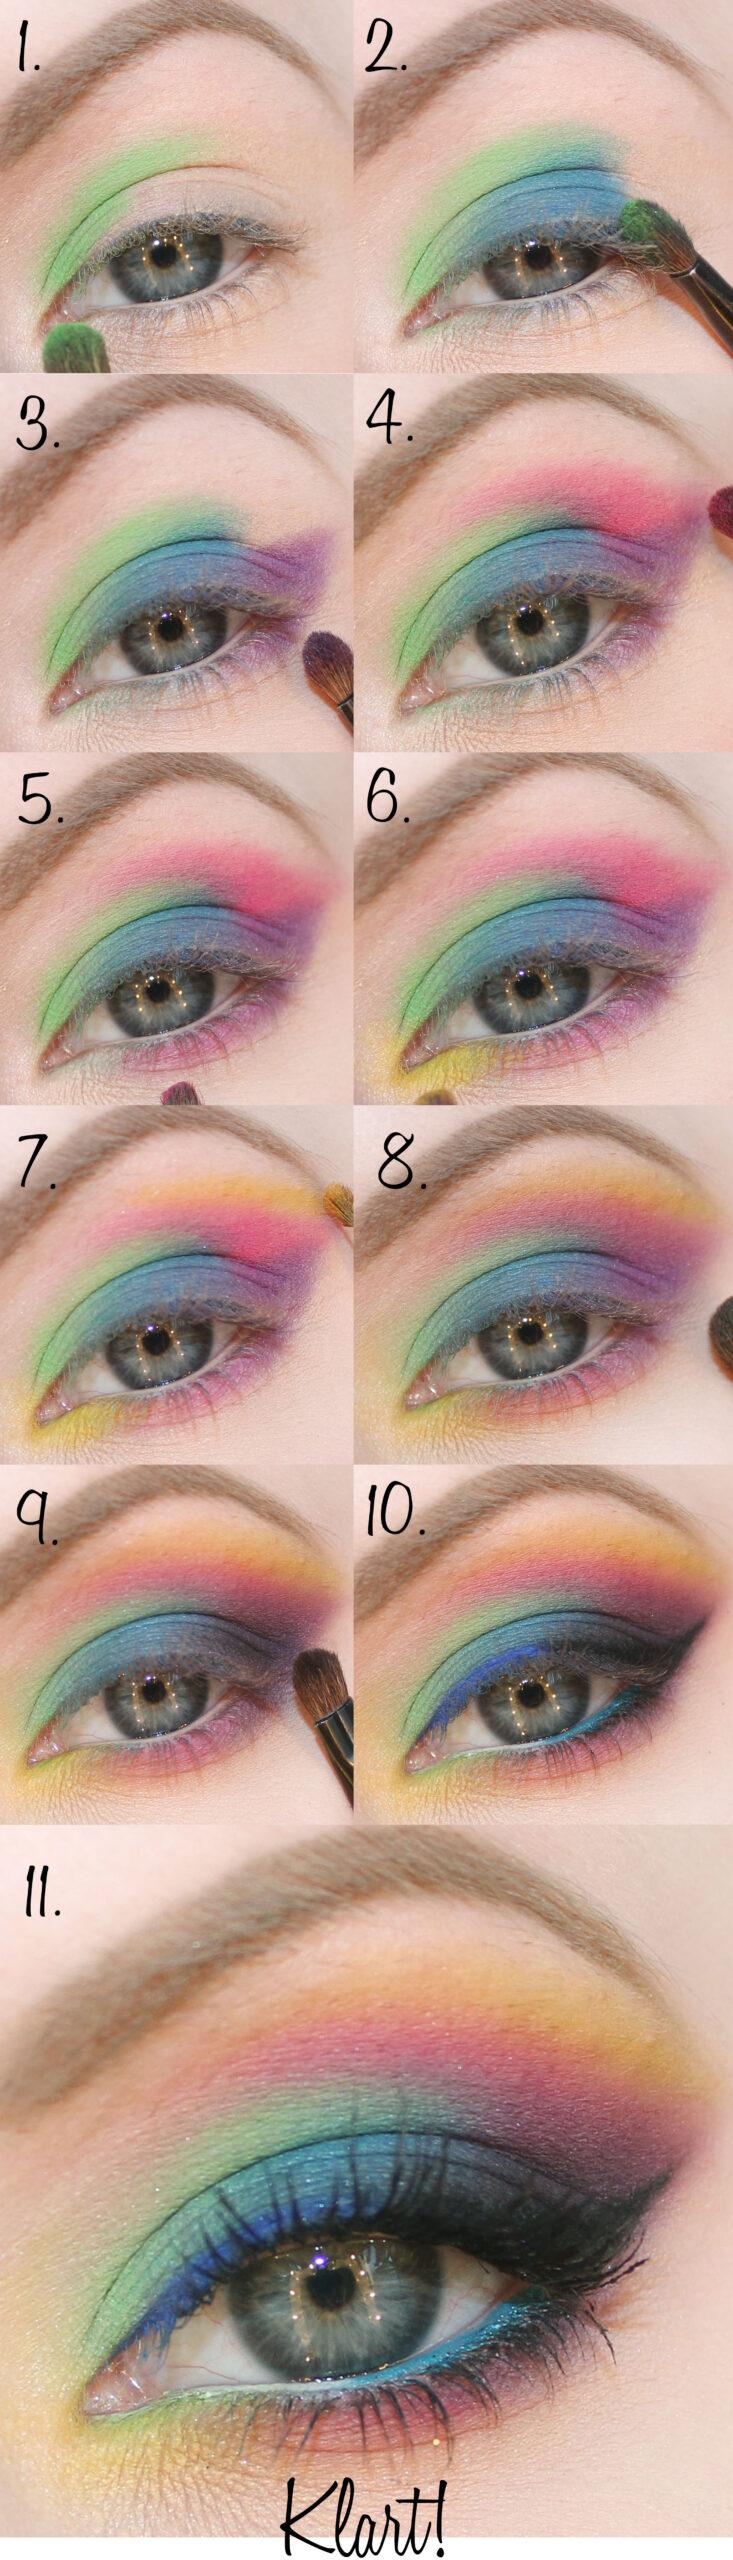 färgglad tutorial sminkning